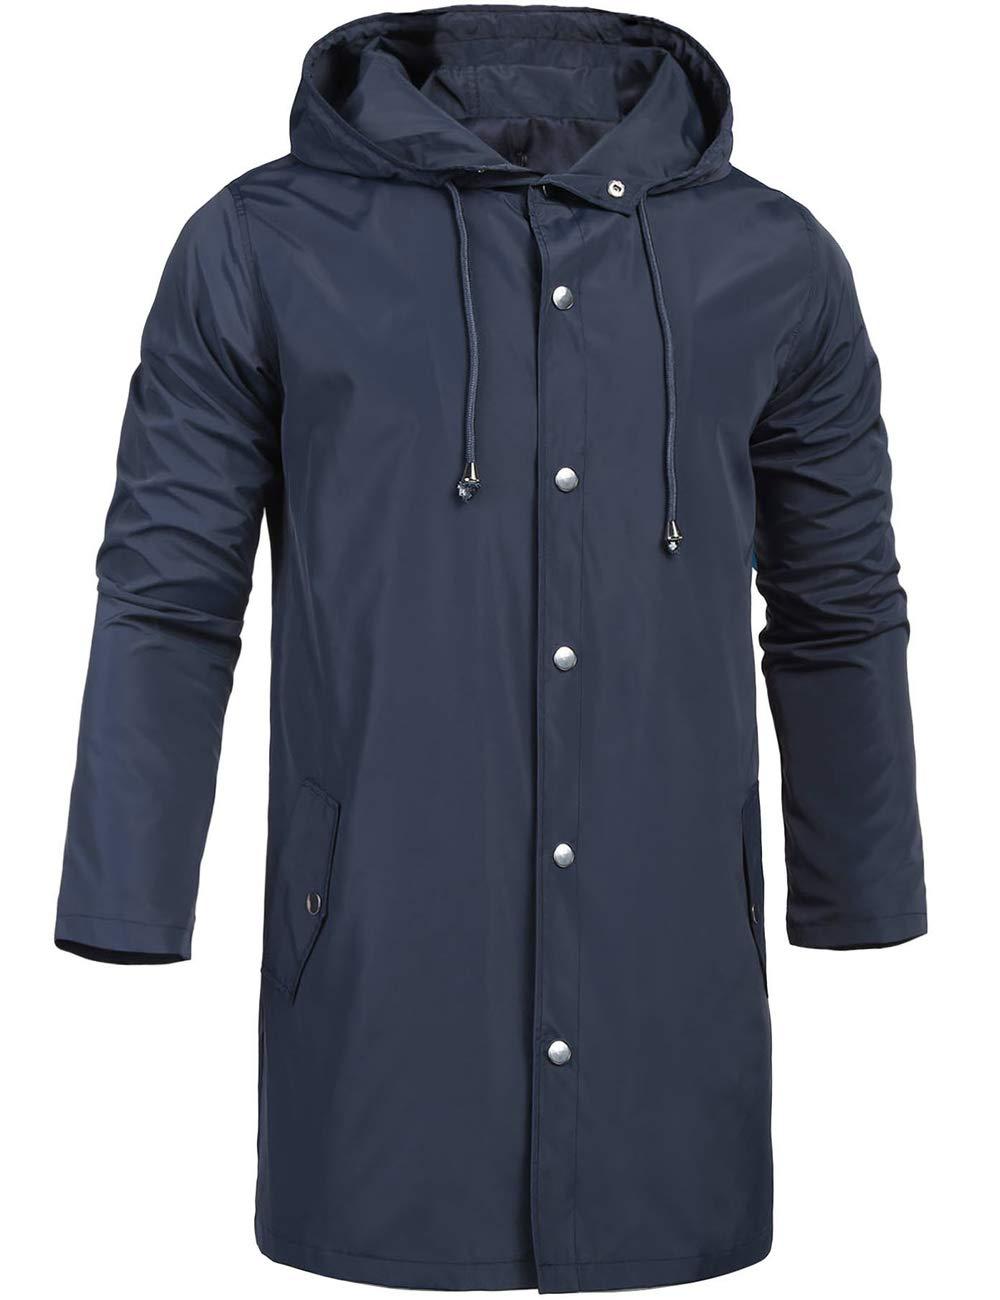 ZEGOLO Waterproof Rain Jacket for Men with Hooded Outdoor Travel Lightweight Windbreaker Shell Men's Rain Coats Long Navy Blue X-Large by ZEGOLO